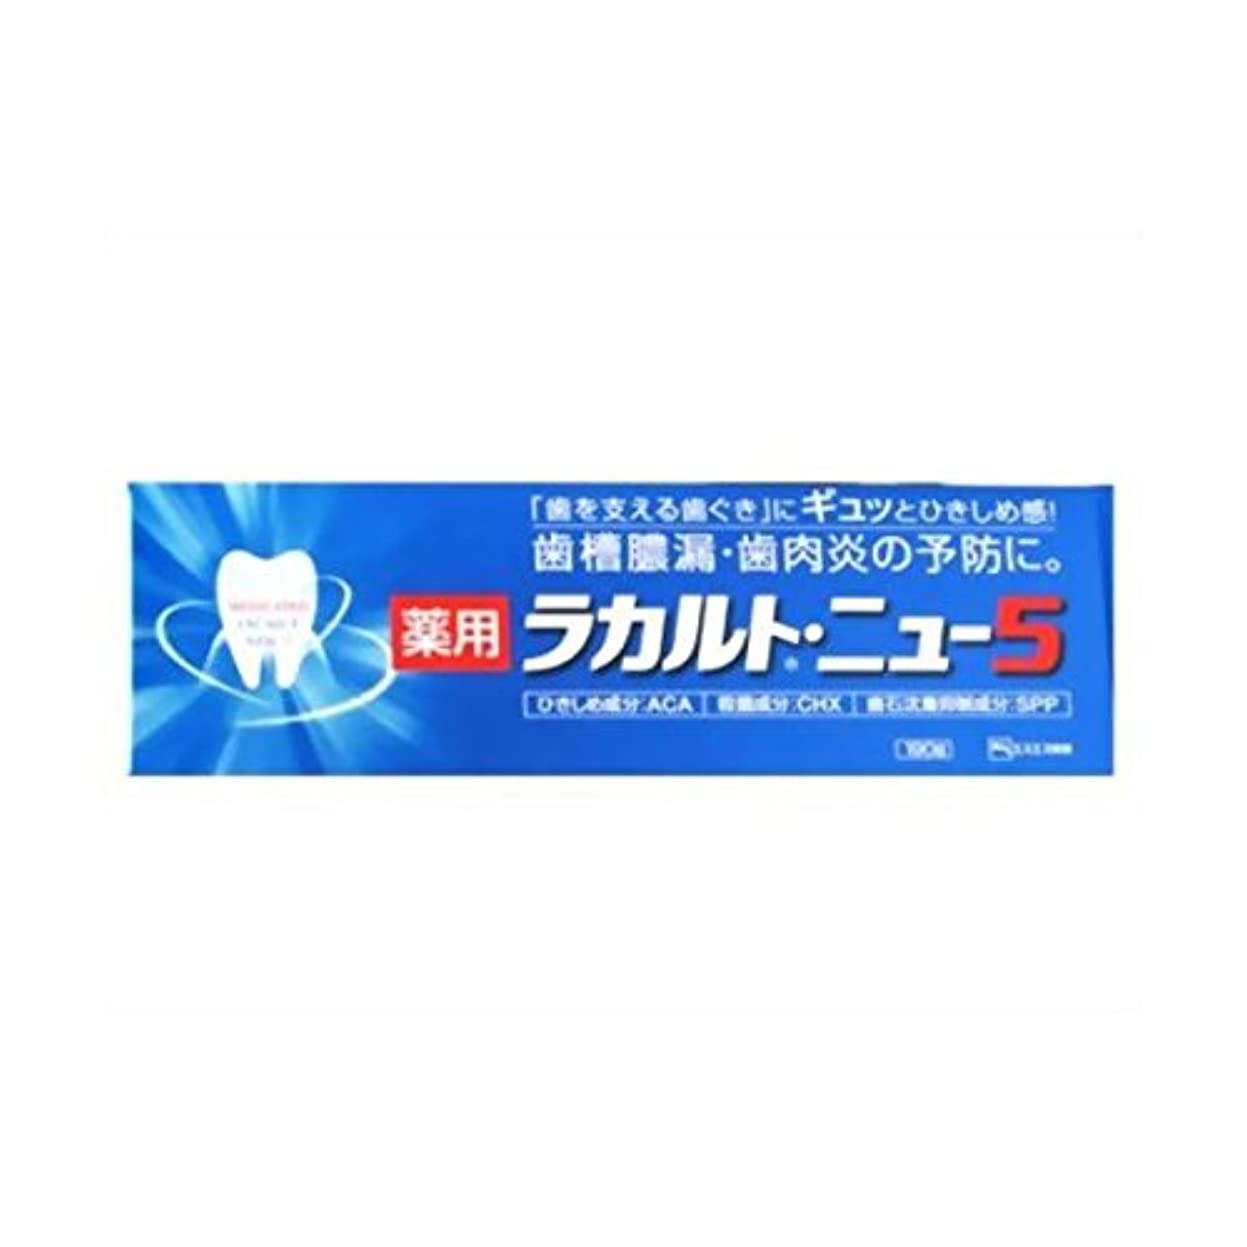 研磨剤モザイクピッチ【お徳用 3 セット】 薬用ラカルトニュー5 190g×3セット